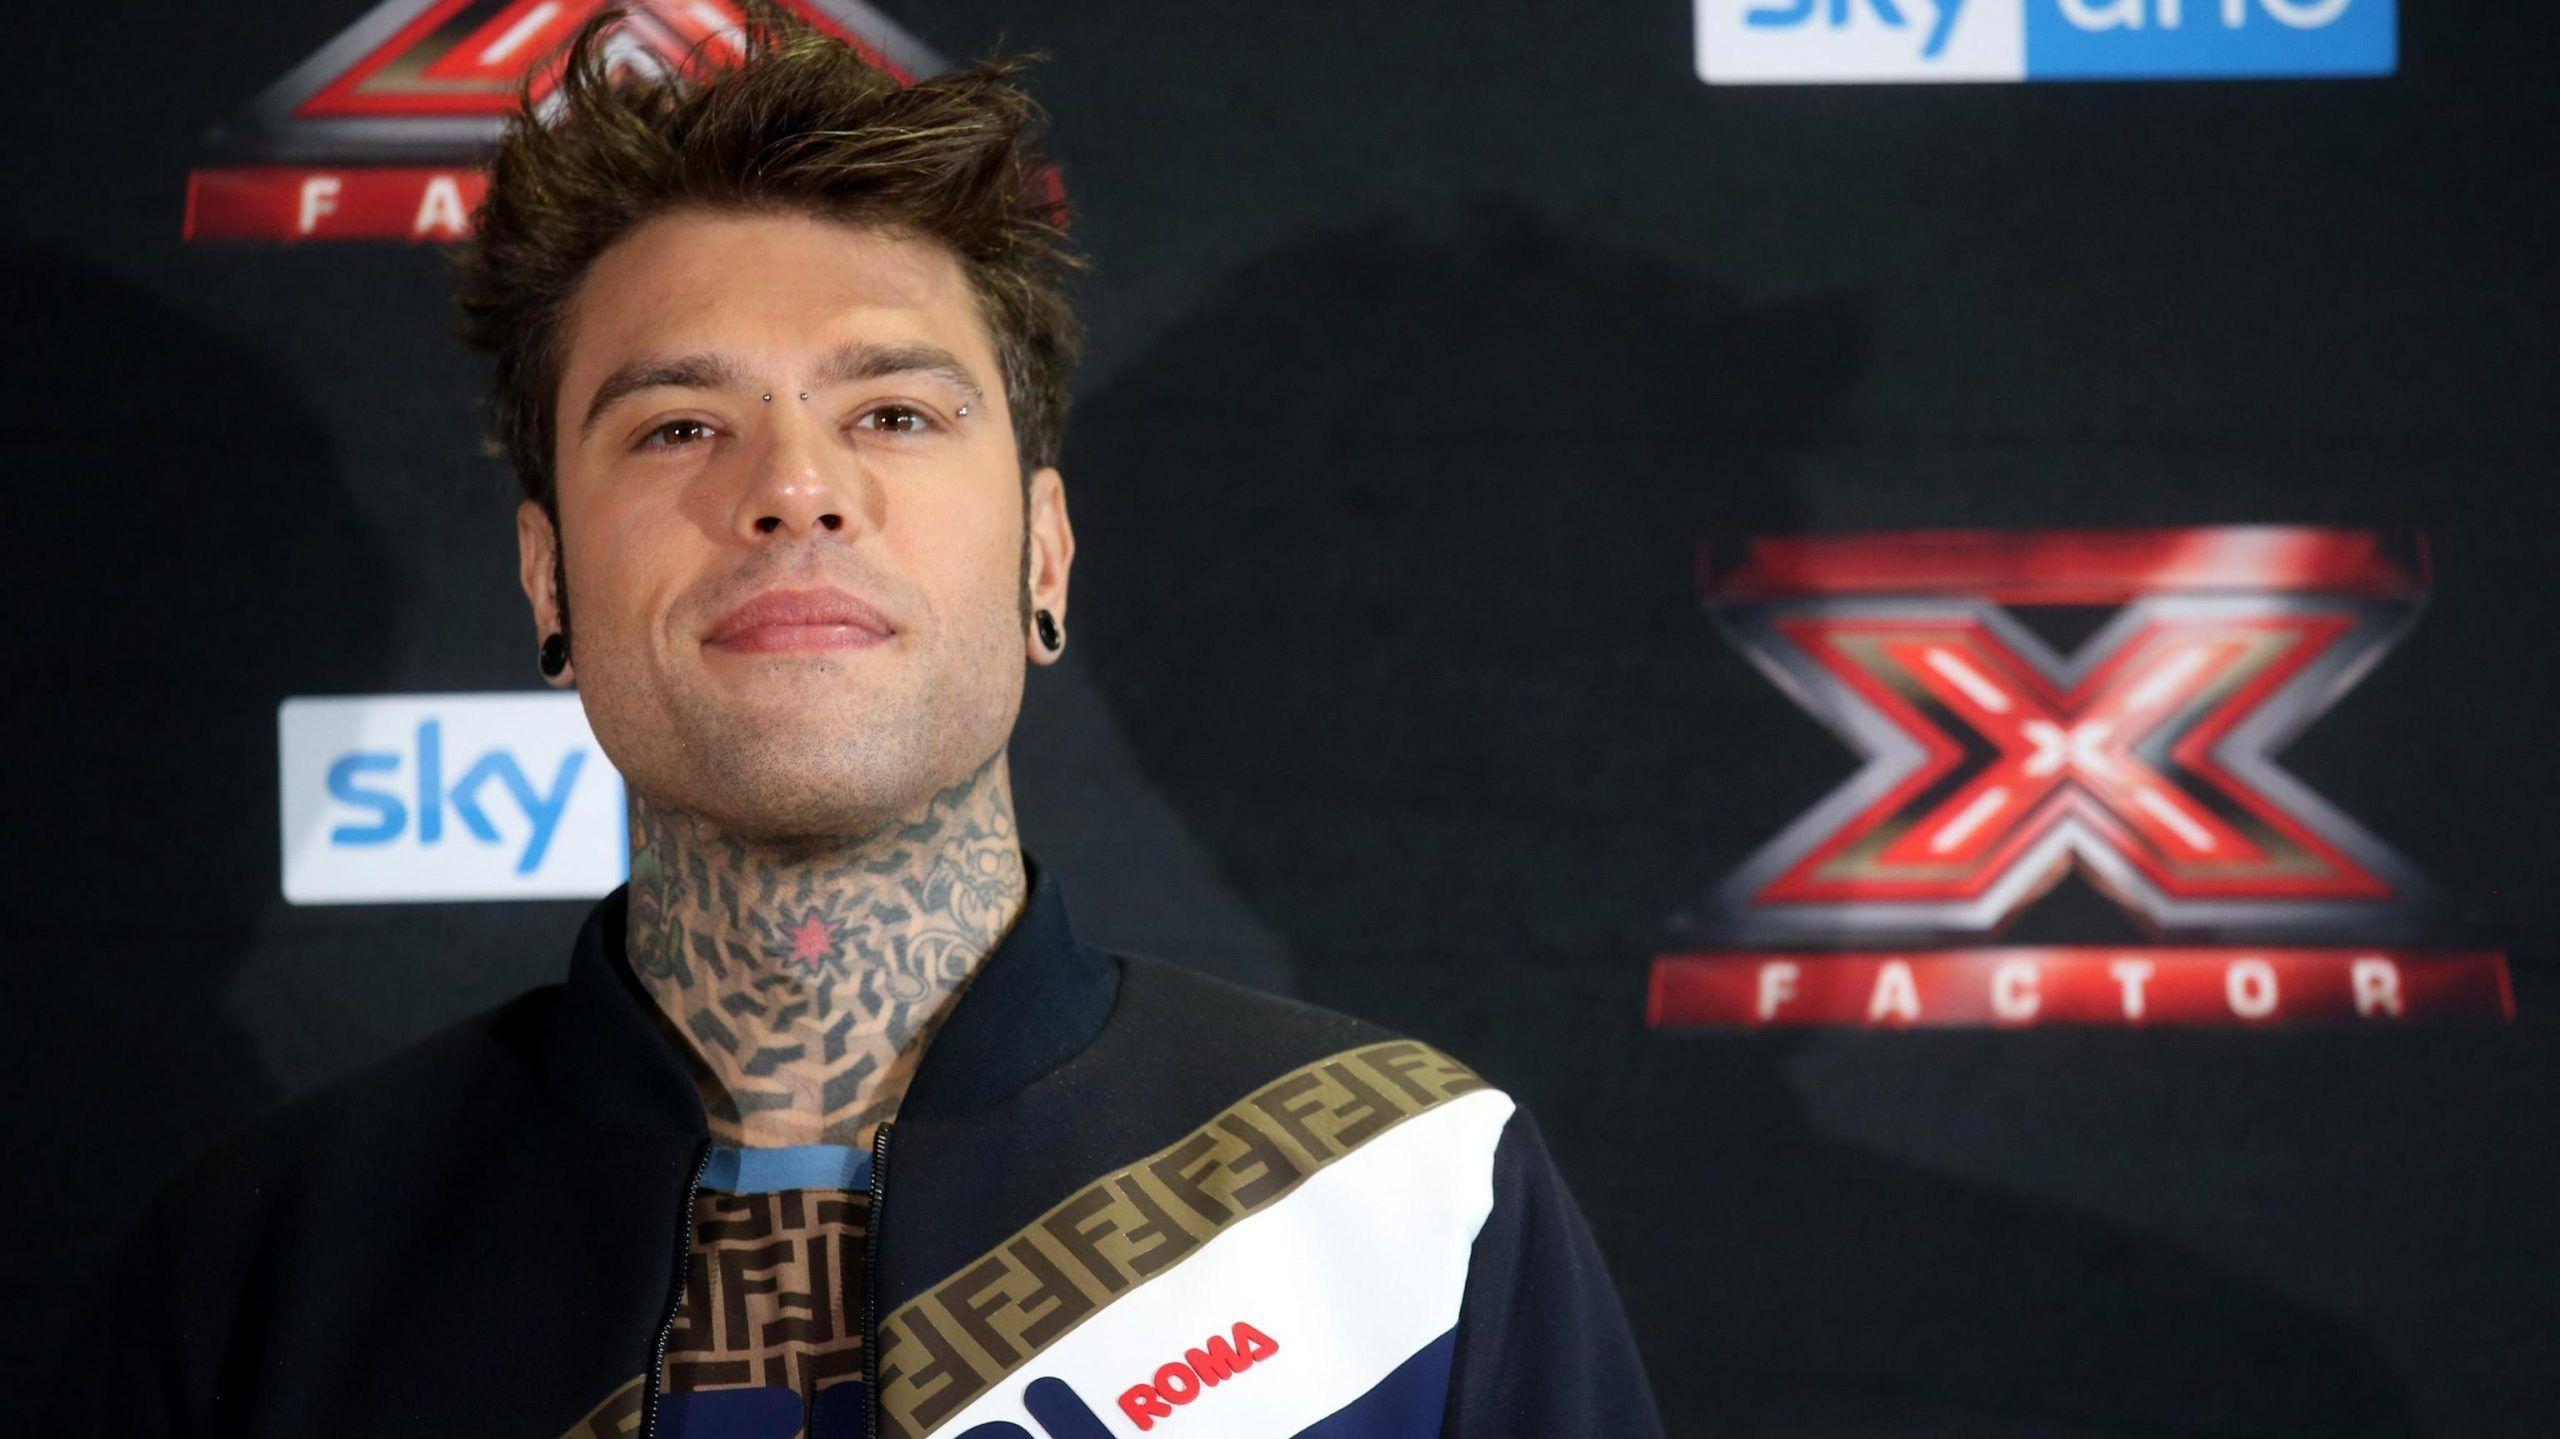 Fedez sull'addio a X Factor: 'Al mio posto ci sarà un artista che ha sempre sputato sui talent'